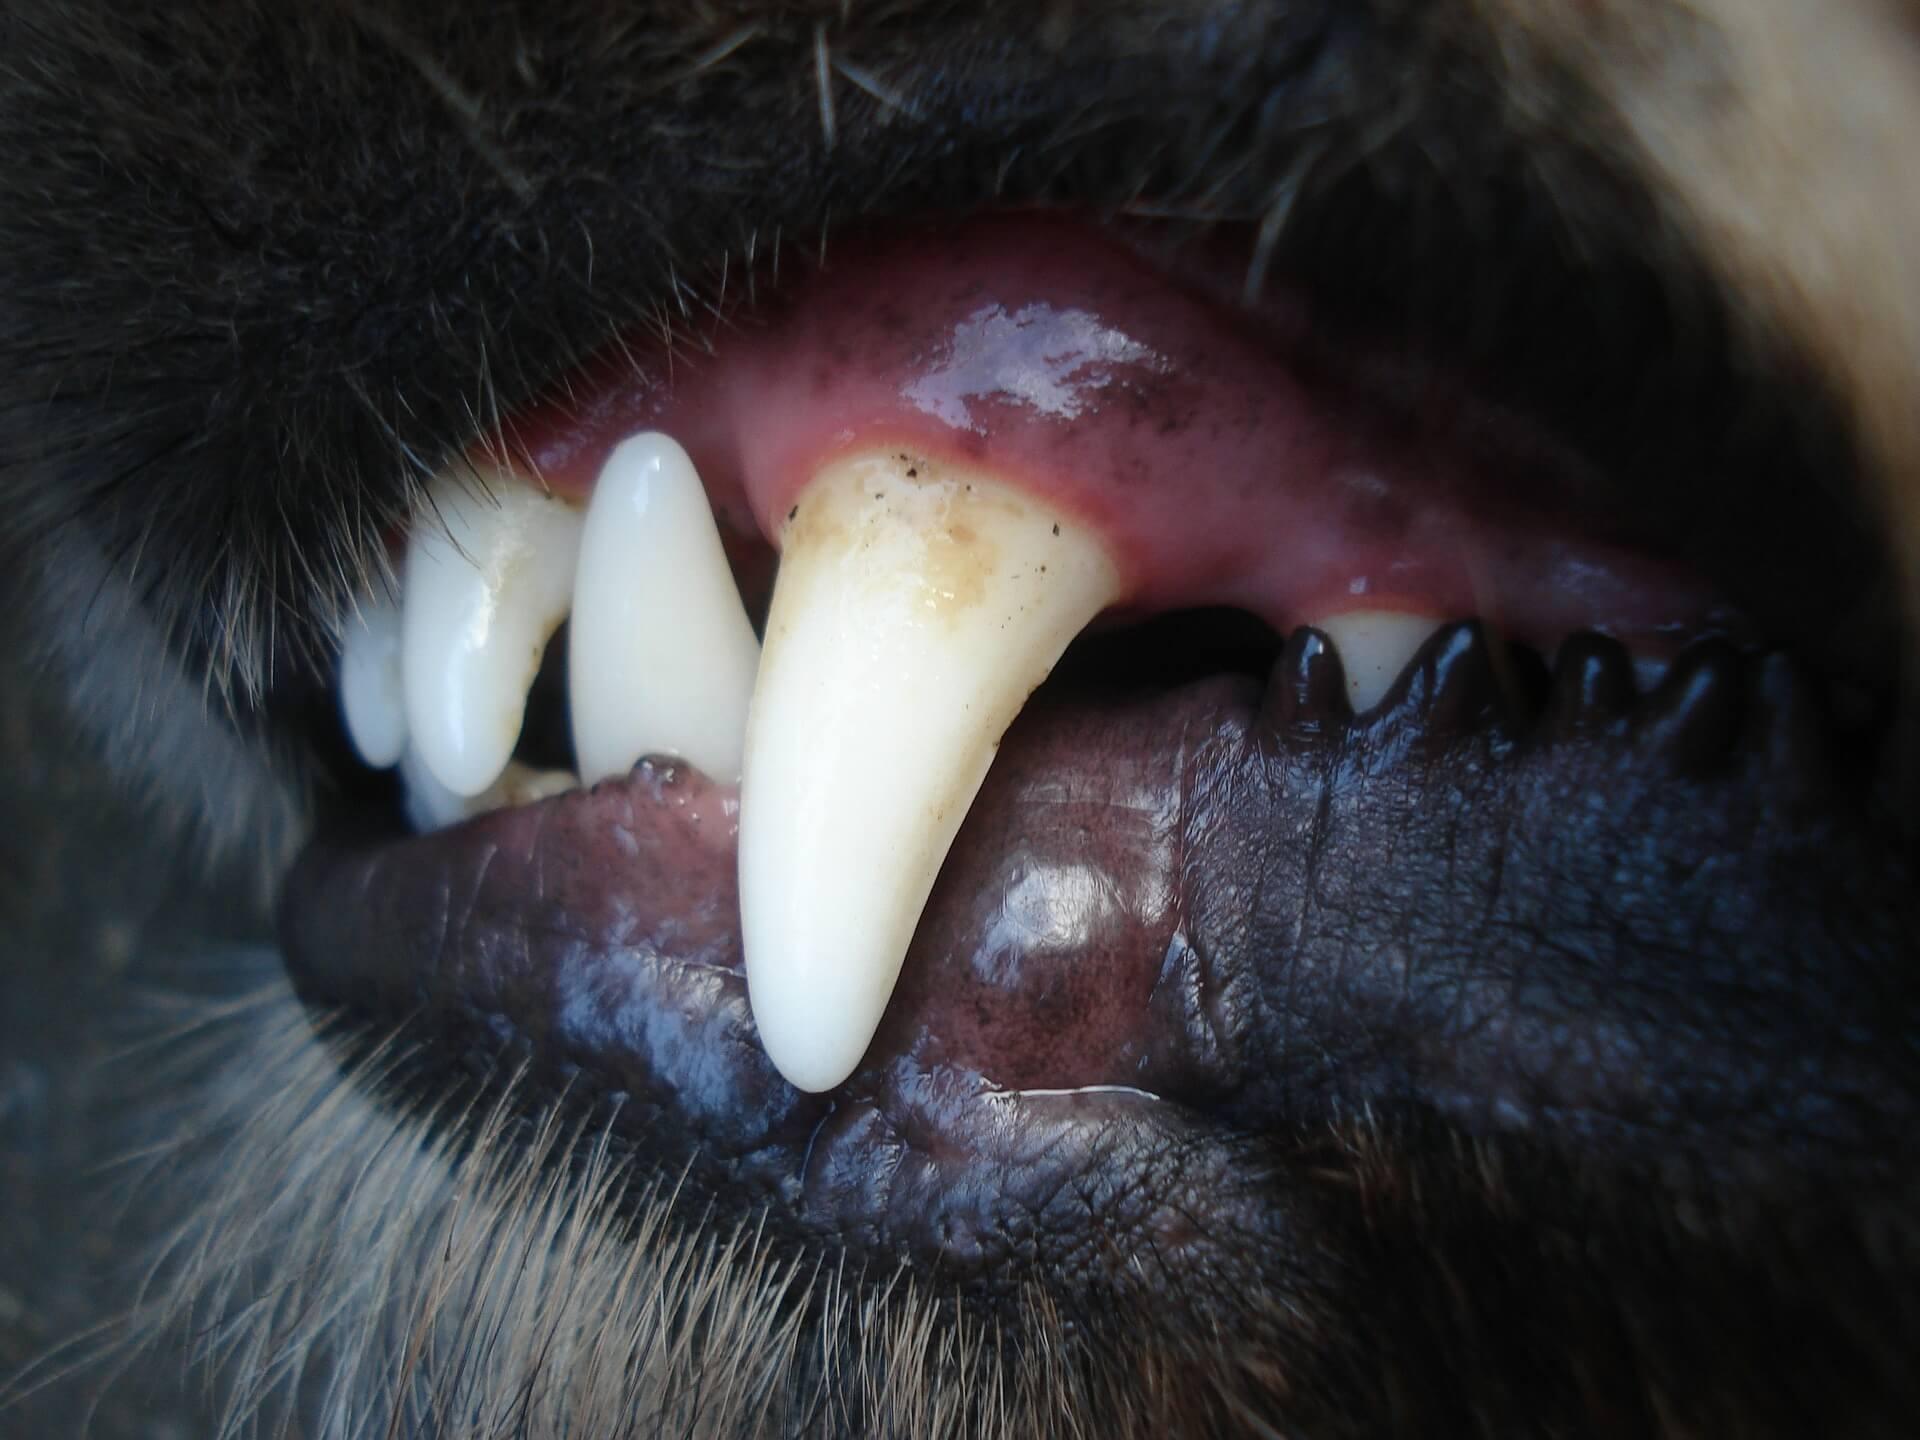 คราบพลัค คราบหินปูนในปากสุนัข